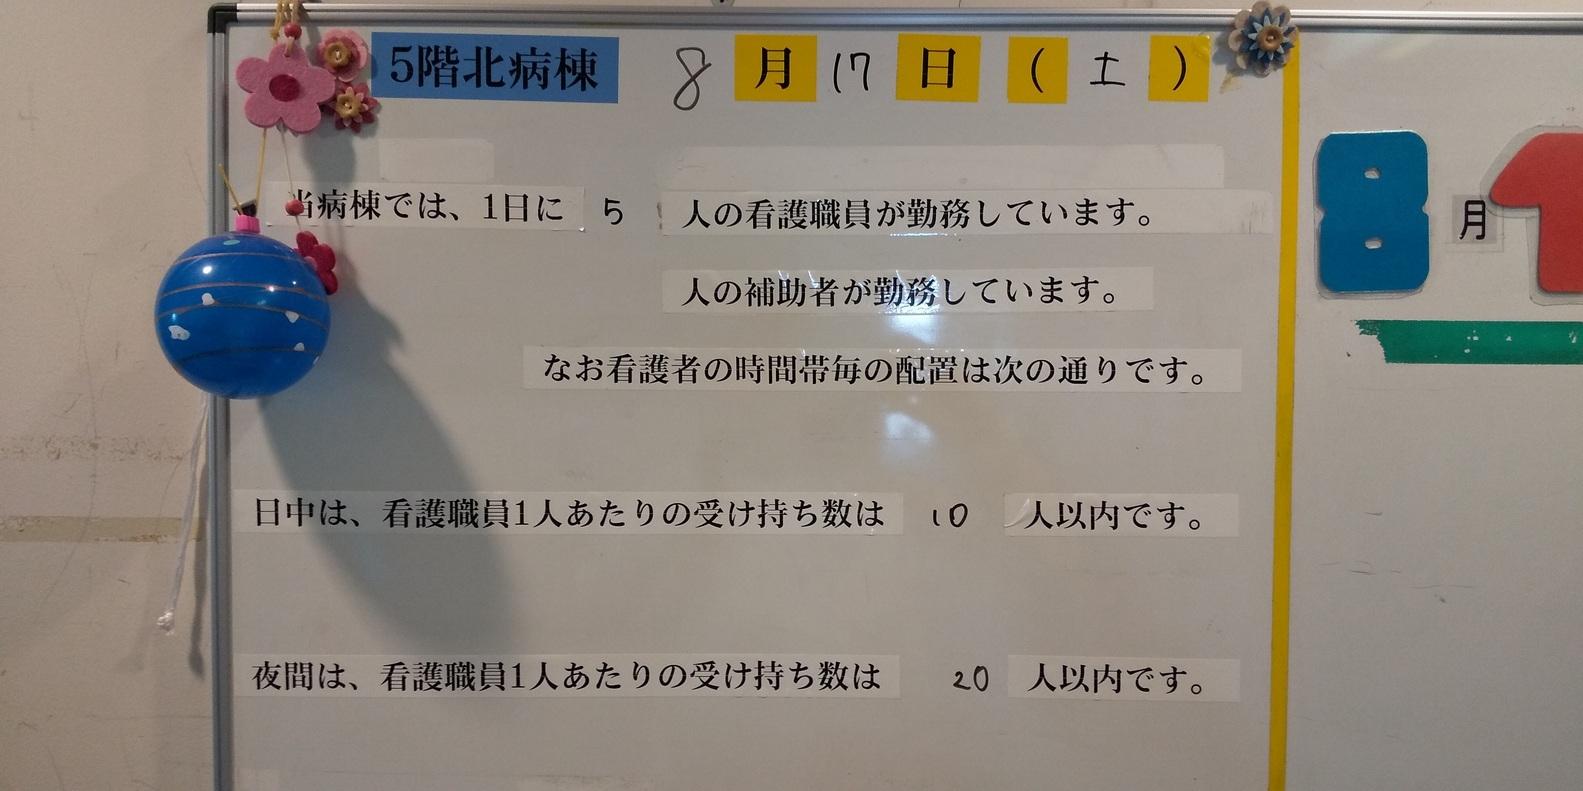 わあ~麦ご飯が出るんだあ😋「まな板の鯉」情報もいよいよ終盤に🤗東野圭吾さんまで読了📖明日は9時過ぎ退院🙌_f0061067_20391128.jpg